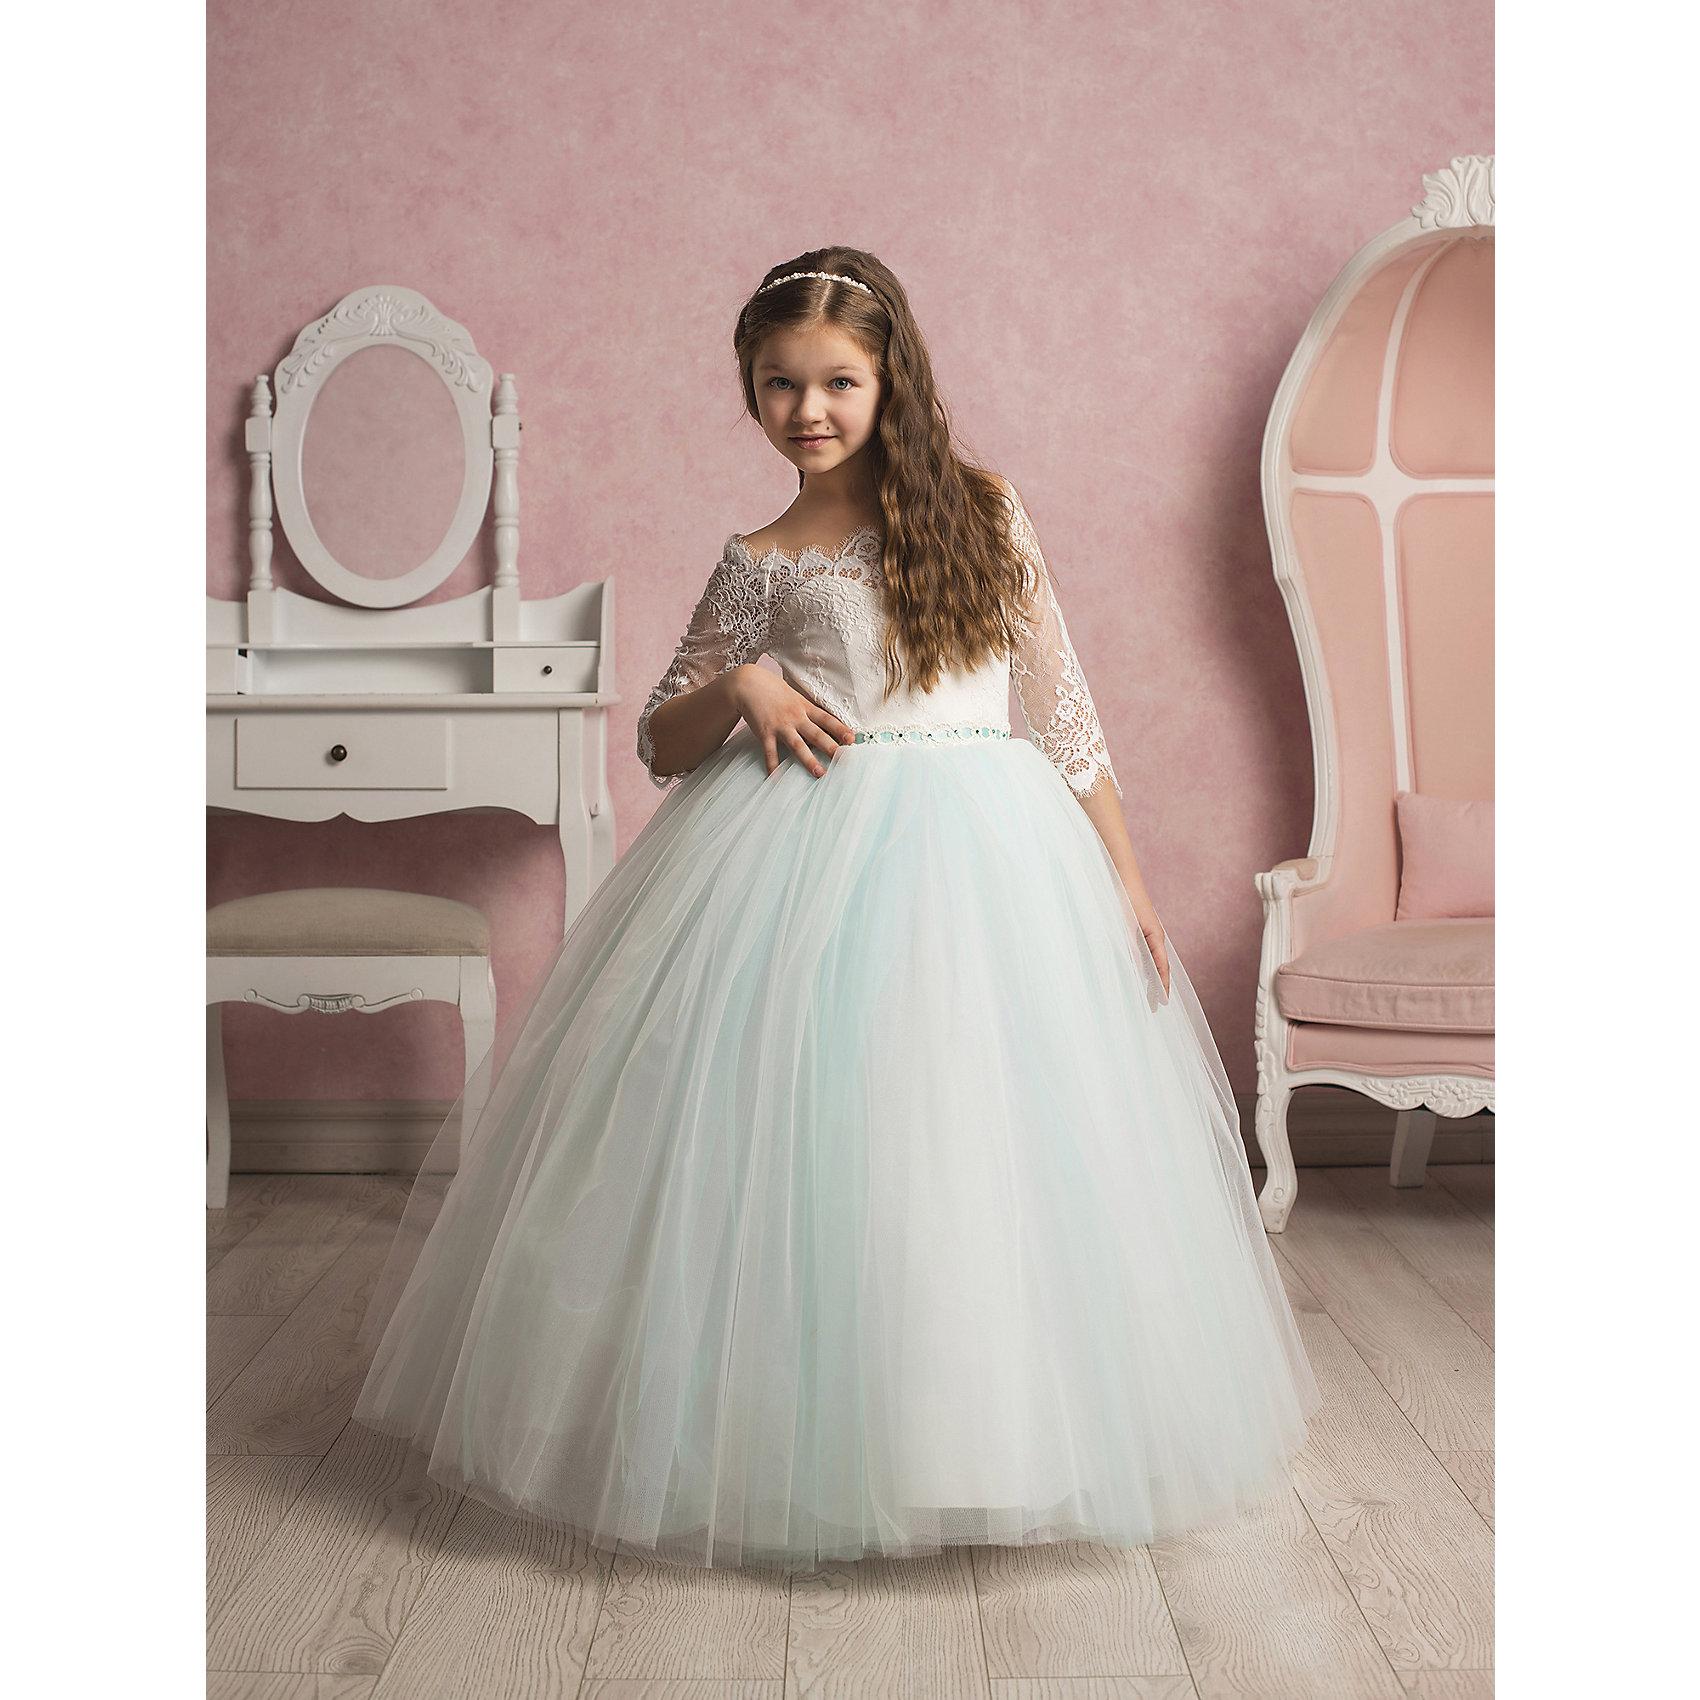 Платье нарядное ПрестижПлатье для девочки Престиж.<br><br>Характеристики:<br><br>• пышный силуэт<br>• корсет<br>• рукав три четверти<br>• цвет: бирюзовый<br>• состав: 100% полиэстер<br><br>Платье для девочки Престиж имеет пышный силуэт и рукав три четверти. Прекрасное сочетание светлого полупрозрачного лифа и пышной юбки нежного цвета поможет создать элегантный образ маленькой леди.<br><br>Платье регулируется шнуровкой сзади, от талии до верха спинки. Шнуровка в комплекте.<br>Платье подходит для занятий бальными танцами.<br><br>Платье для девочки Престиж вы можете купить в нашем интернет-магазине.<br><br>Ширина мм: 236<br>Глубина мм: 16<br>Высота мм: 184<br>Вес г: 177<br>Цвет: бирюзовый<br>Возраст от месяцев: 72<br>Возраст до месяцев: 84<br>Пол: Женский<br>Возраст: Детский<br>Размер: 116,128,122<br>SKU: 5158369